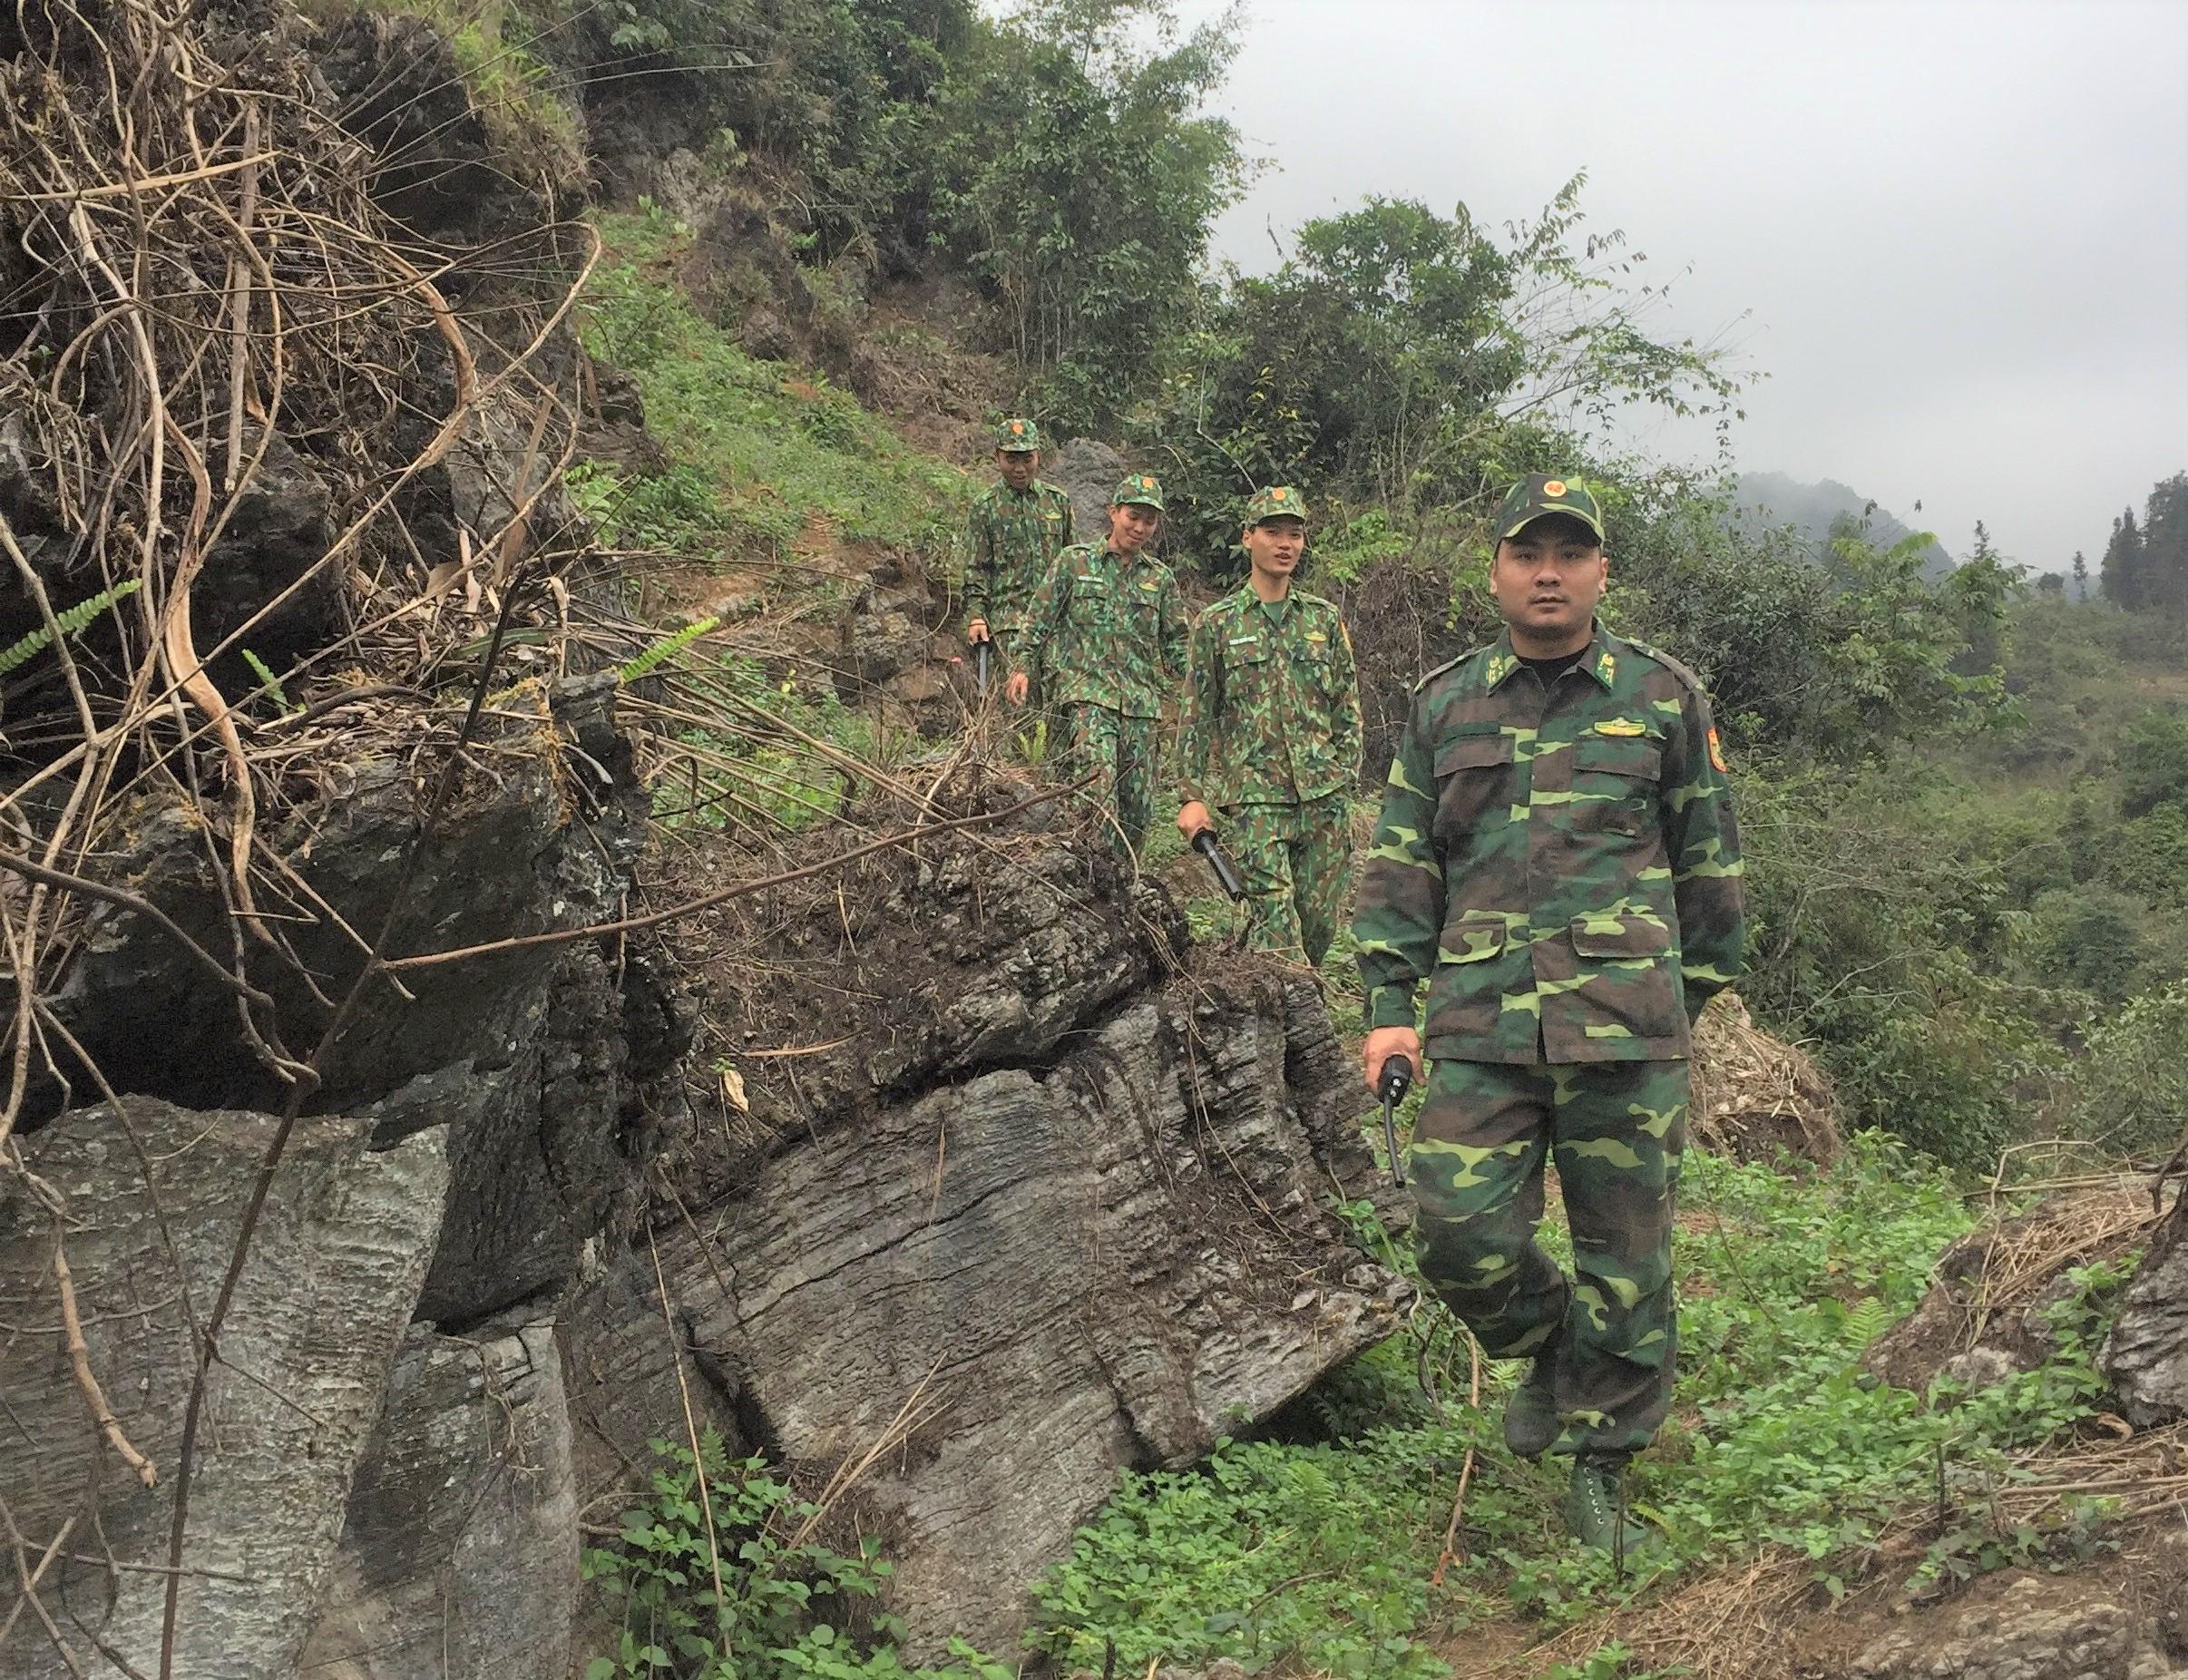 Đại úy Vũ Ngọc Anh, Đội trưởng đội PCMT&TP trên đường tuần tra biên giới